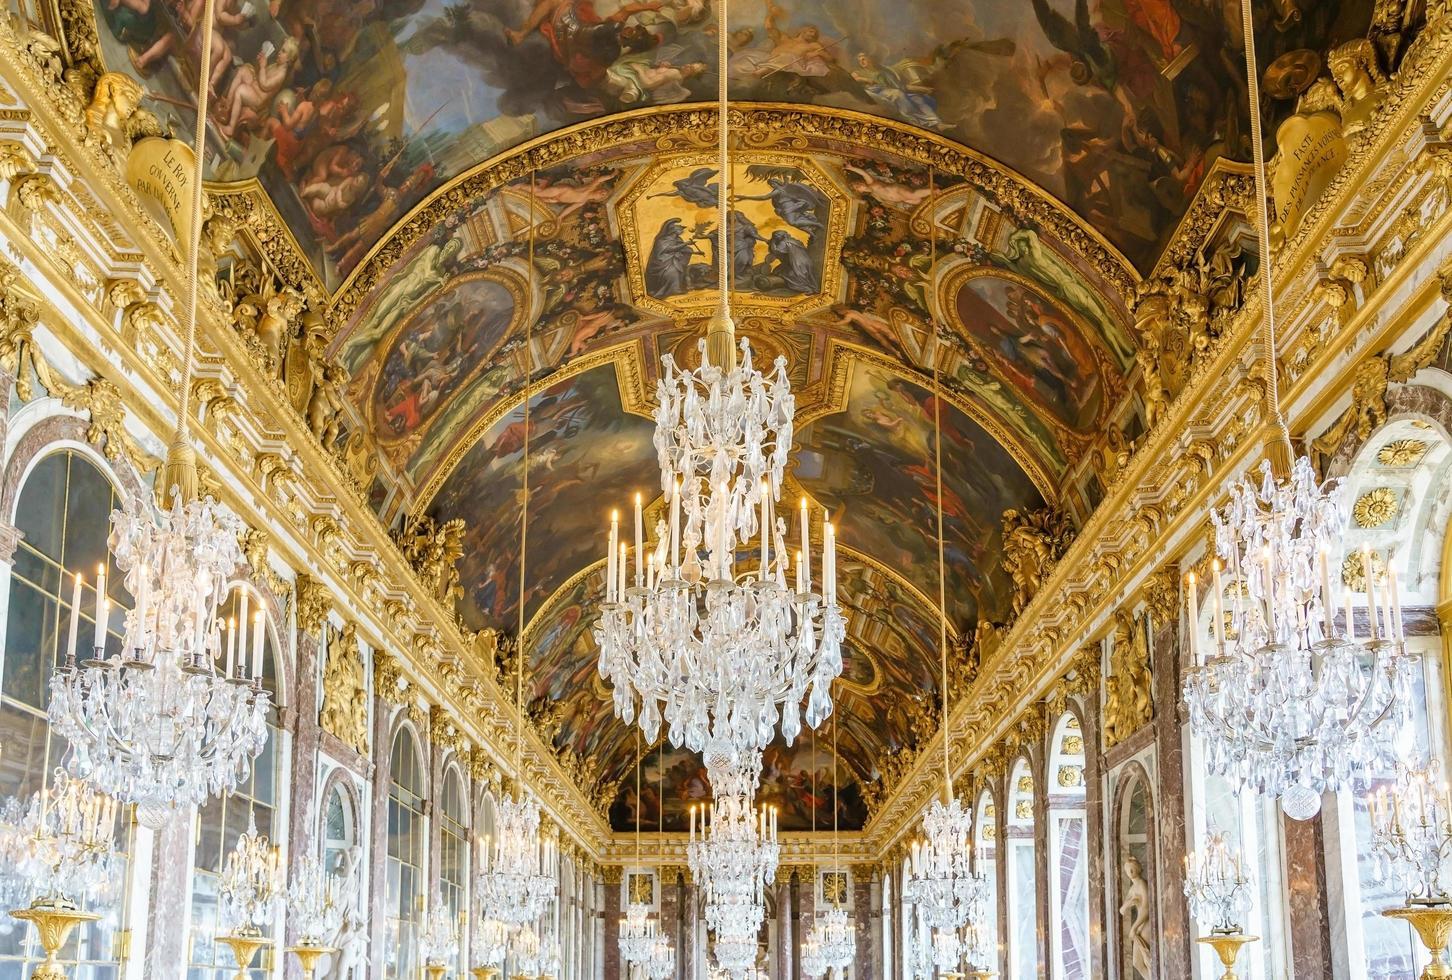 La salle des glaces du palais royal de versailles en france photo